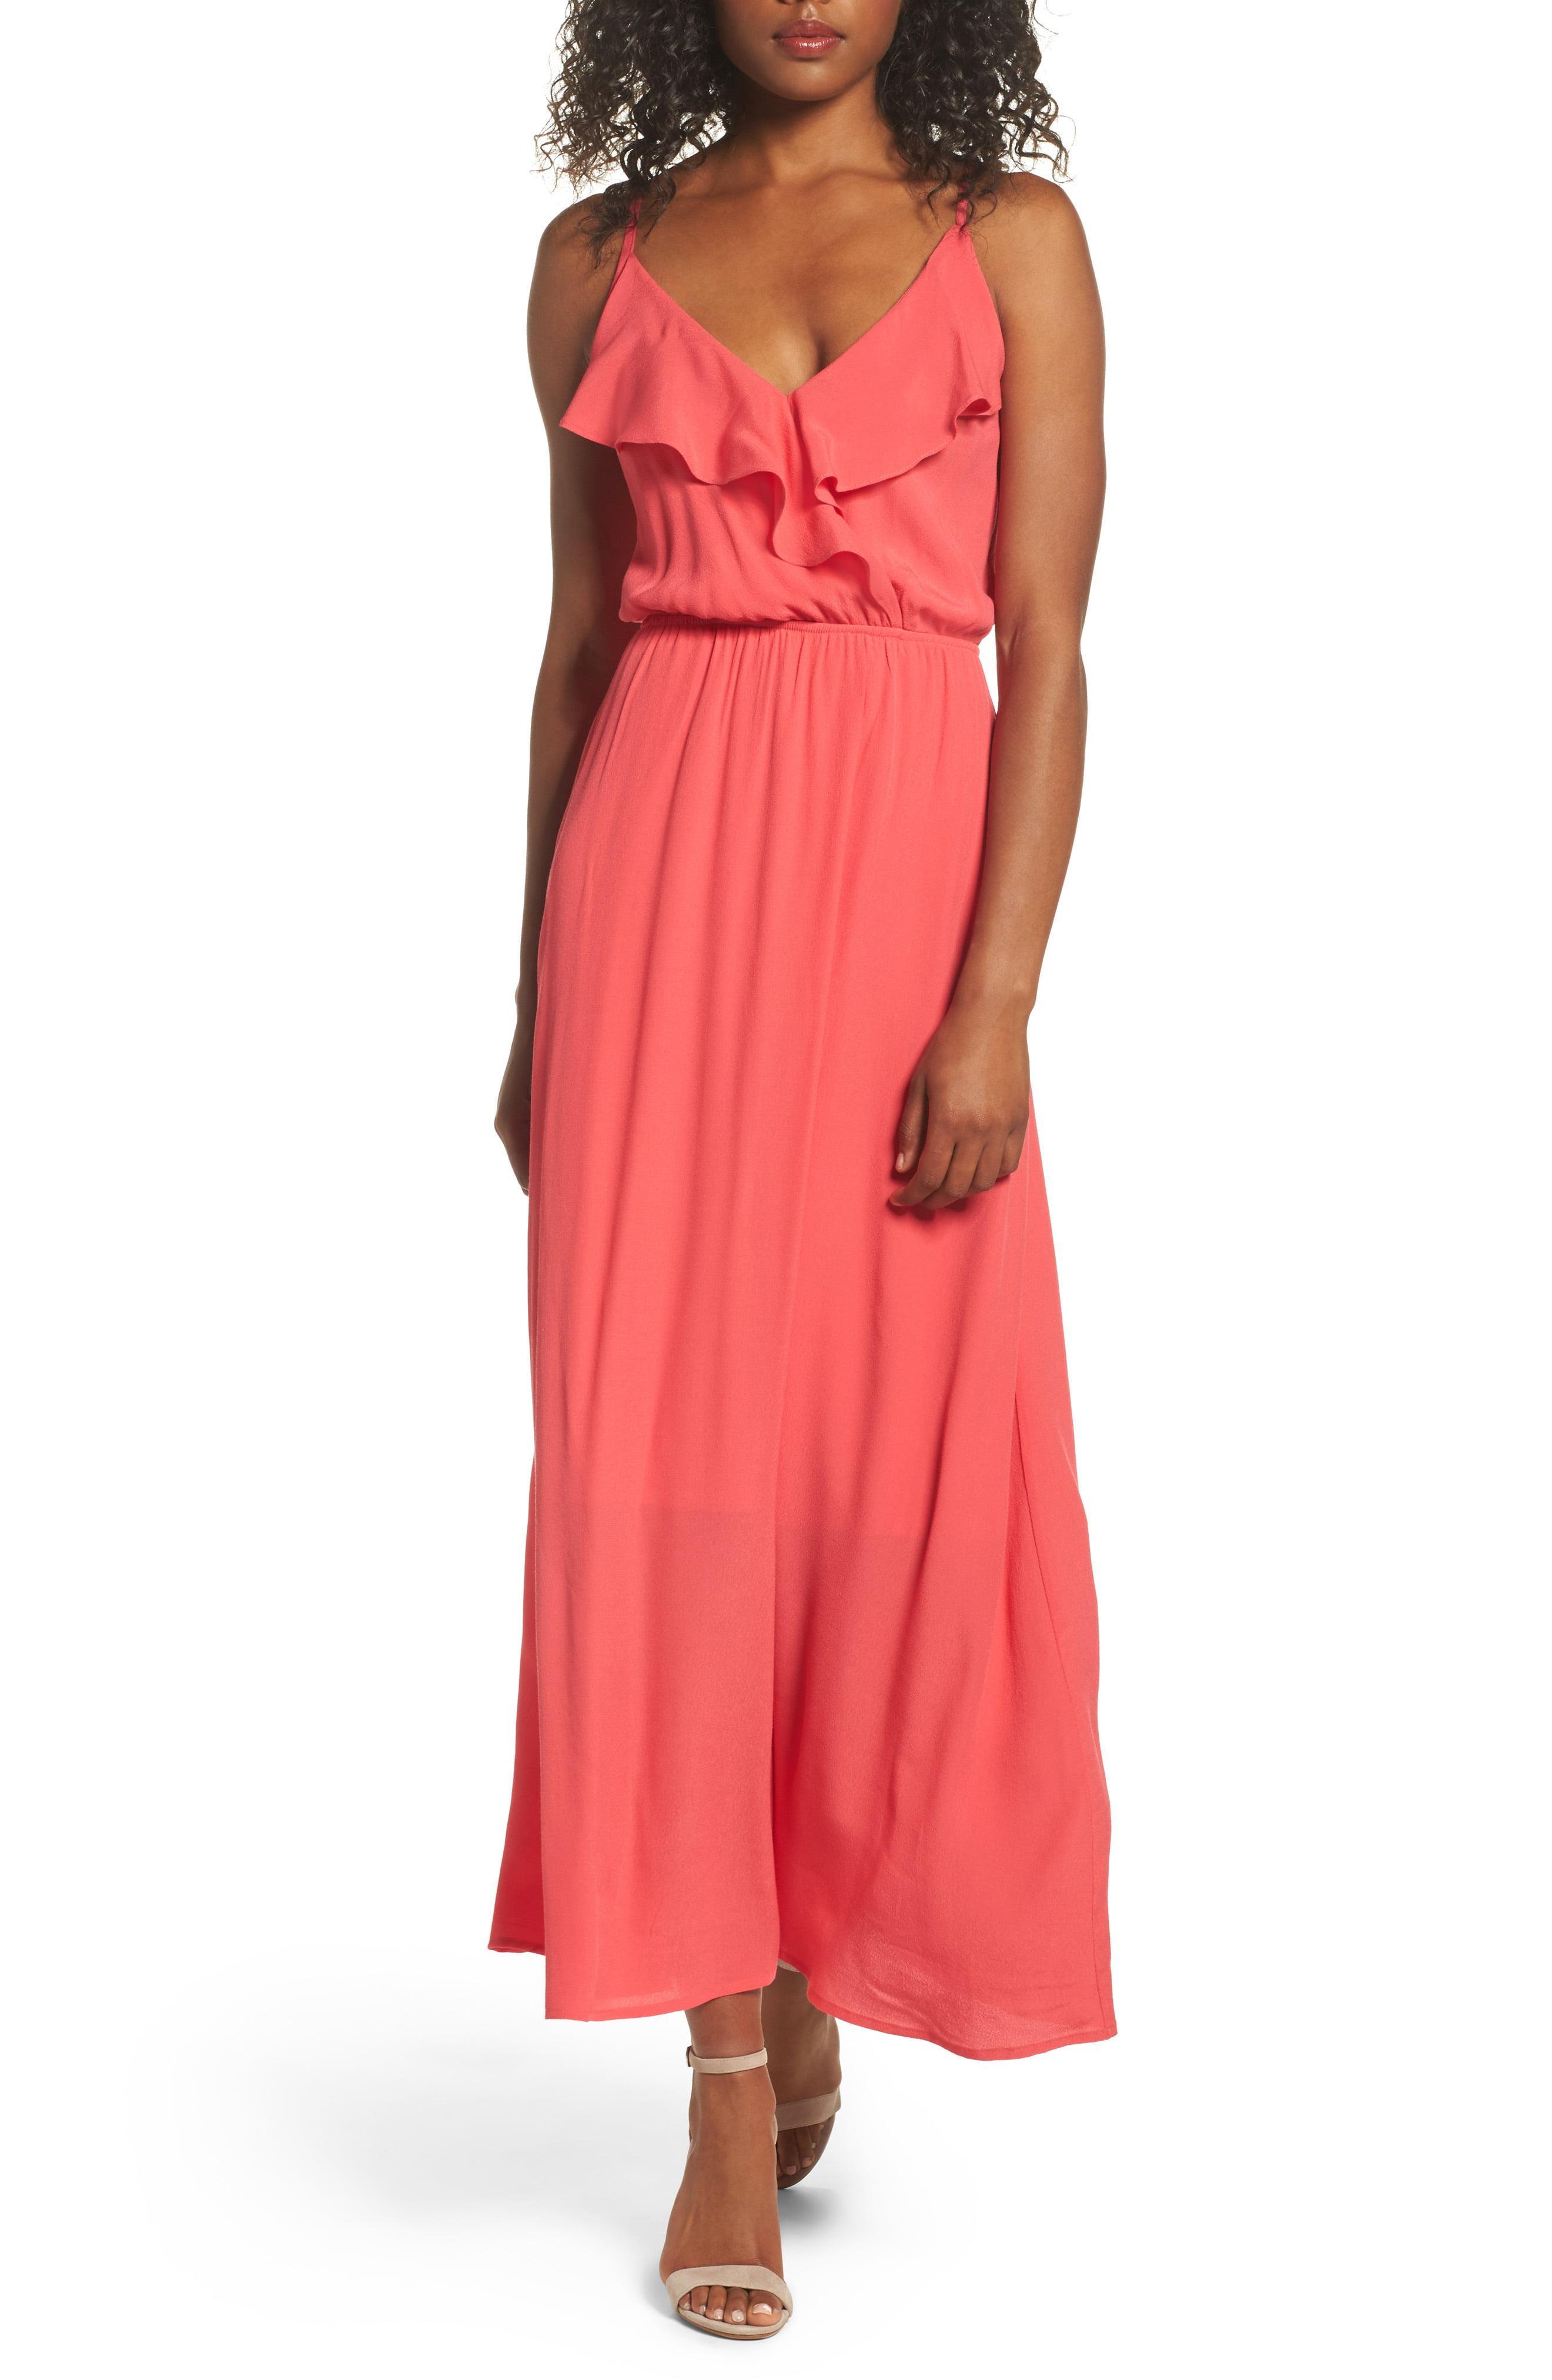 6a84c1e42900 Fraiche By J Blouson Maxi Dress in Pink - Lyst